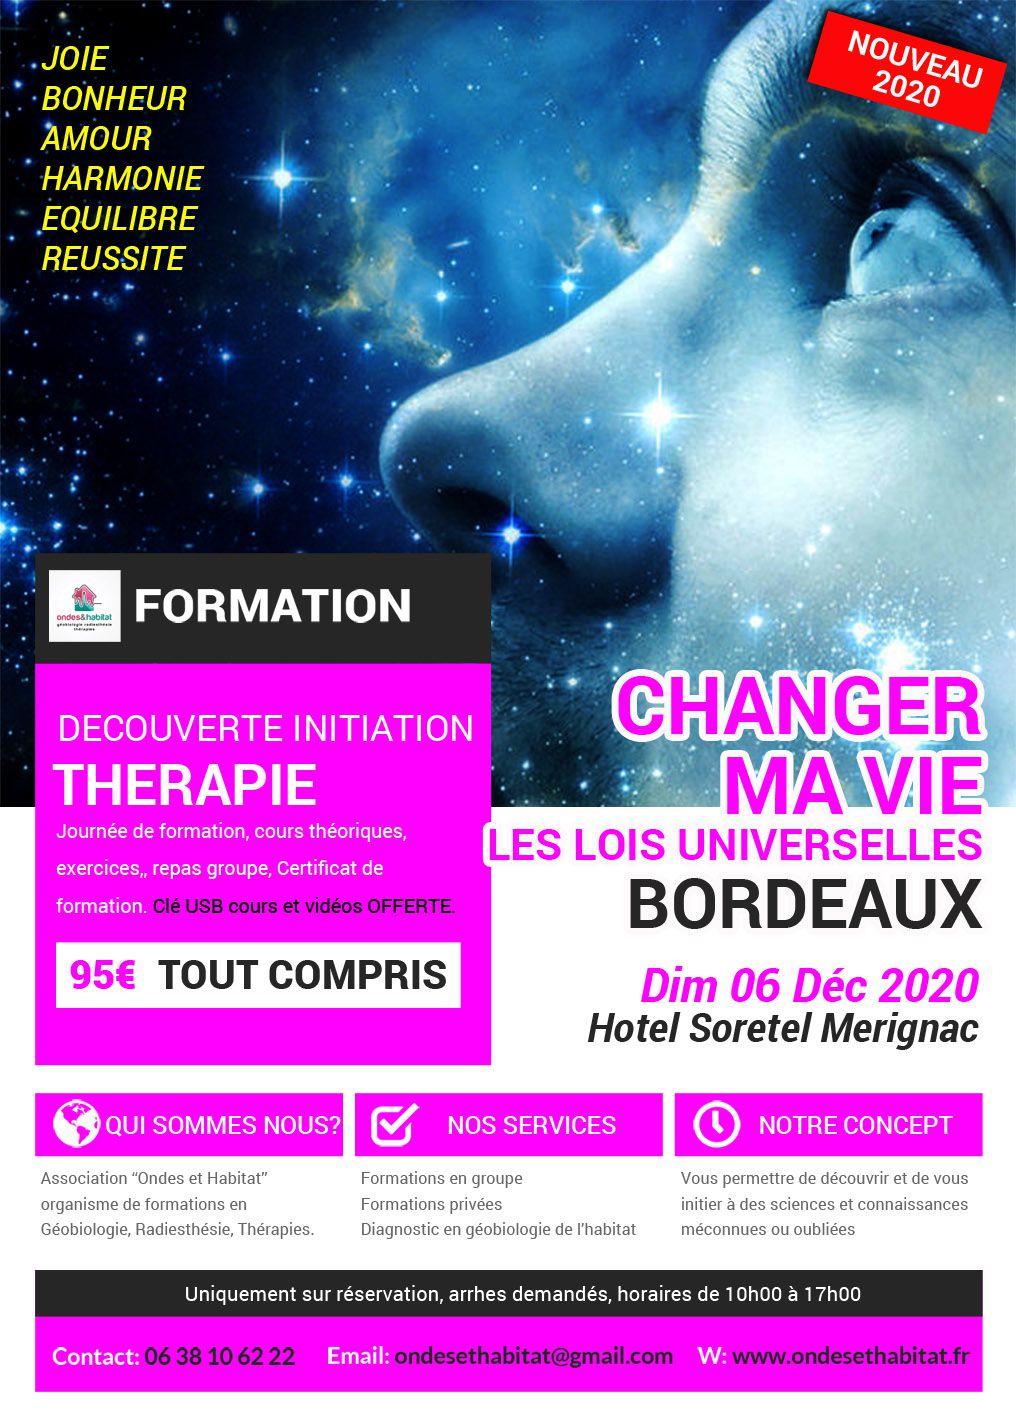 REPRISE DE NOS FORMATIONS!!! Bordeaux Formation Thérapie : Changer ma vie, lois universelles. Dimanche 06 Décembre 2020